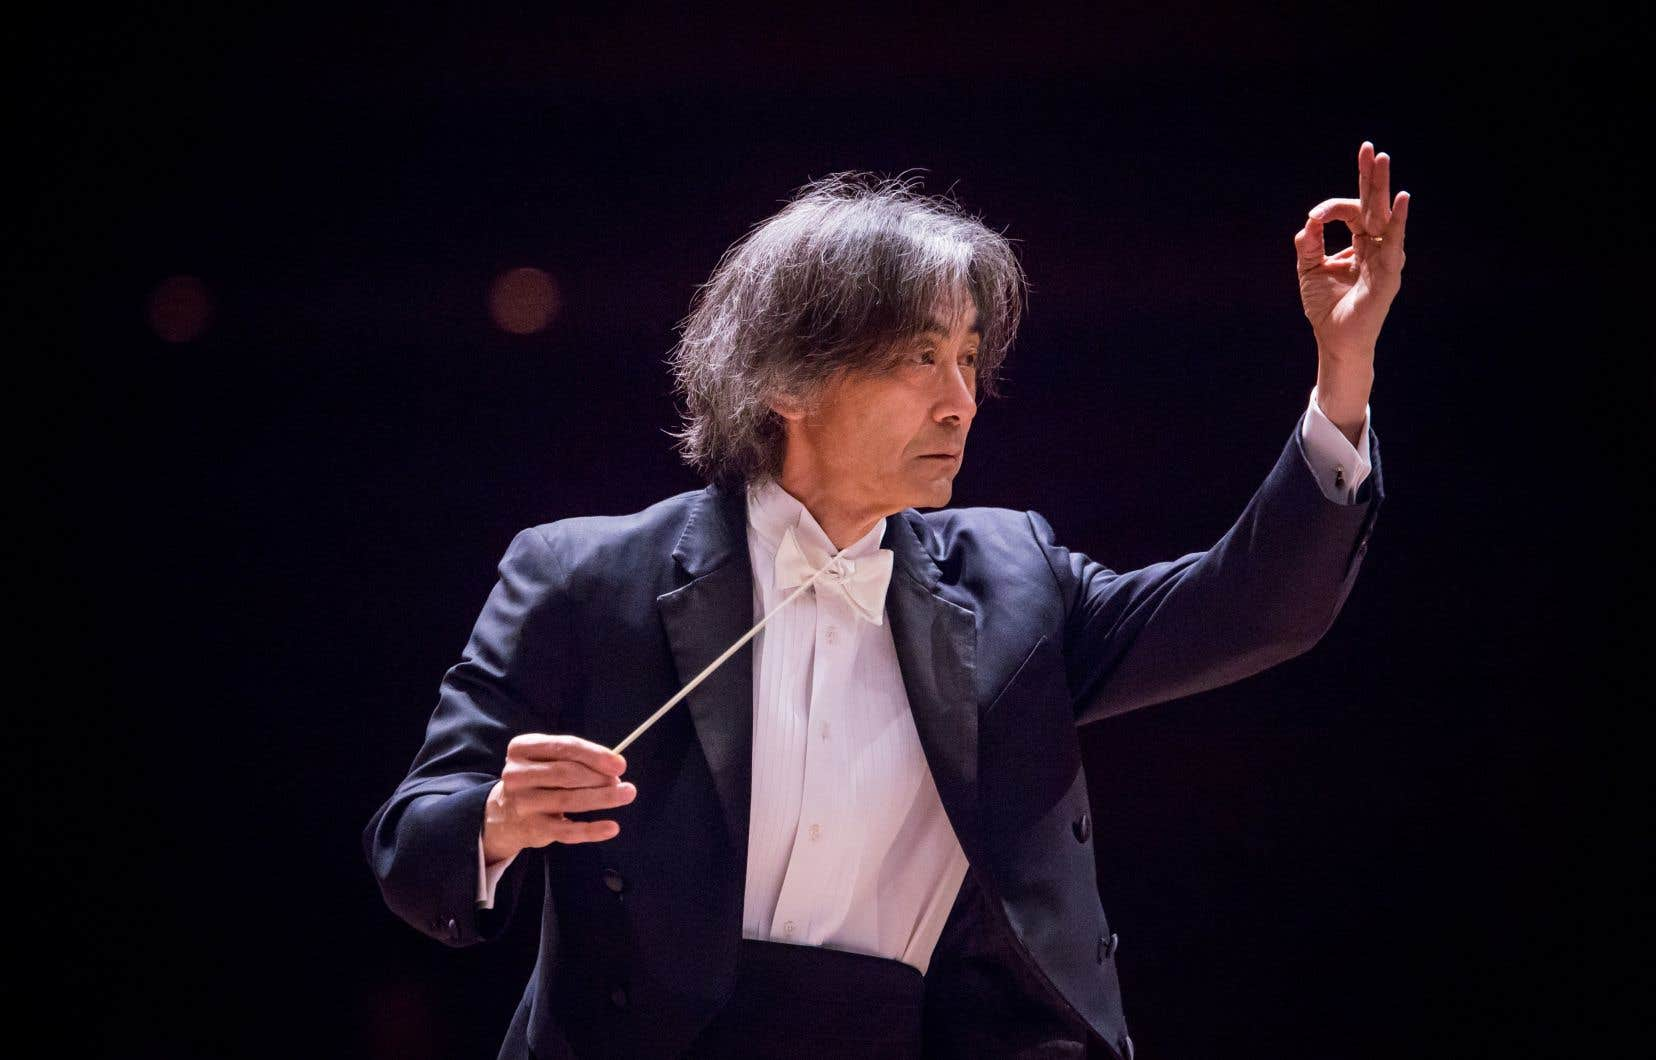 Le chef d'orchestre Kent Nagano